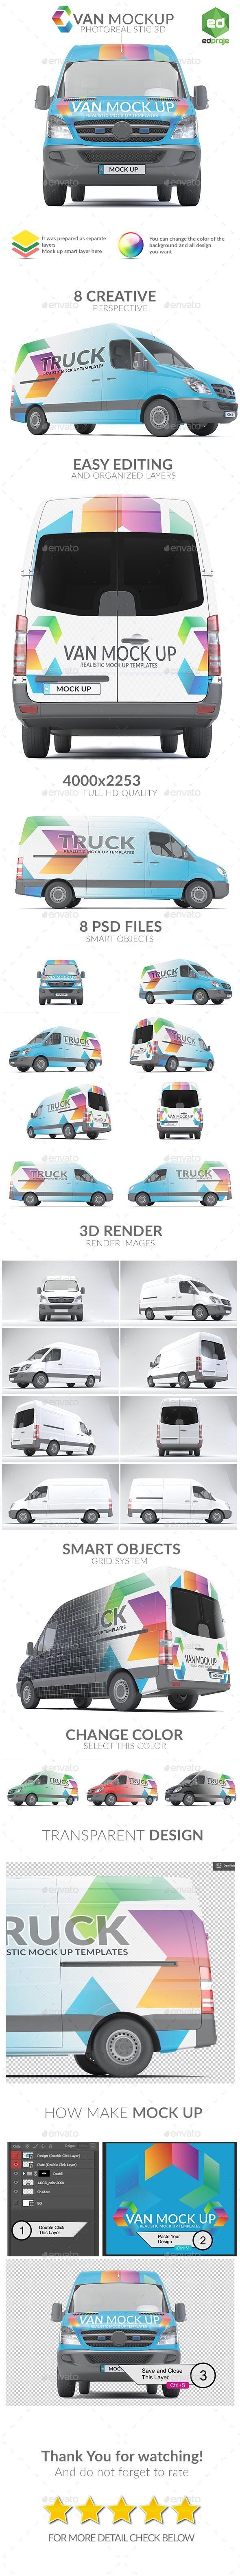 Van Mock Up Set 01 For 8 Graphicriver Mockup Psd Graphicriver Vehiclemockup Bestdesignresources Mockup Mockup Design Van